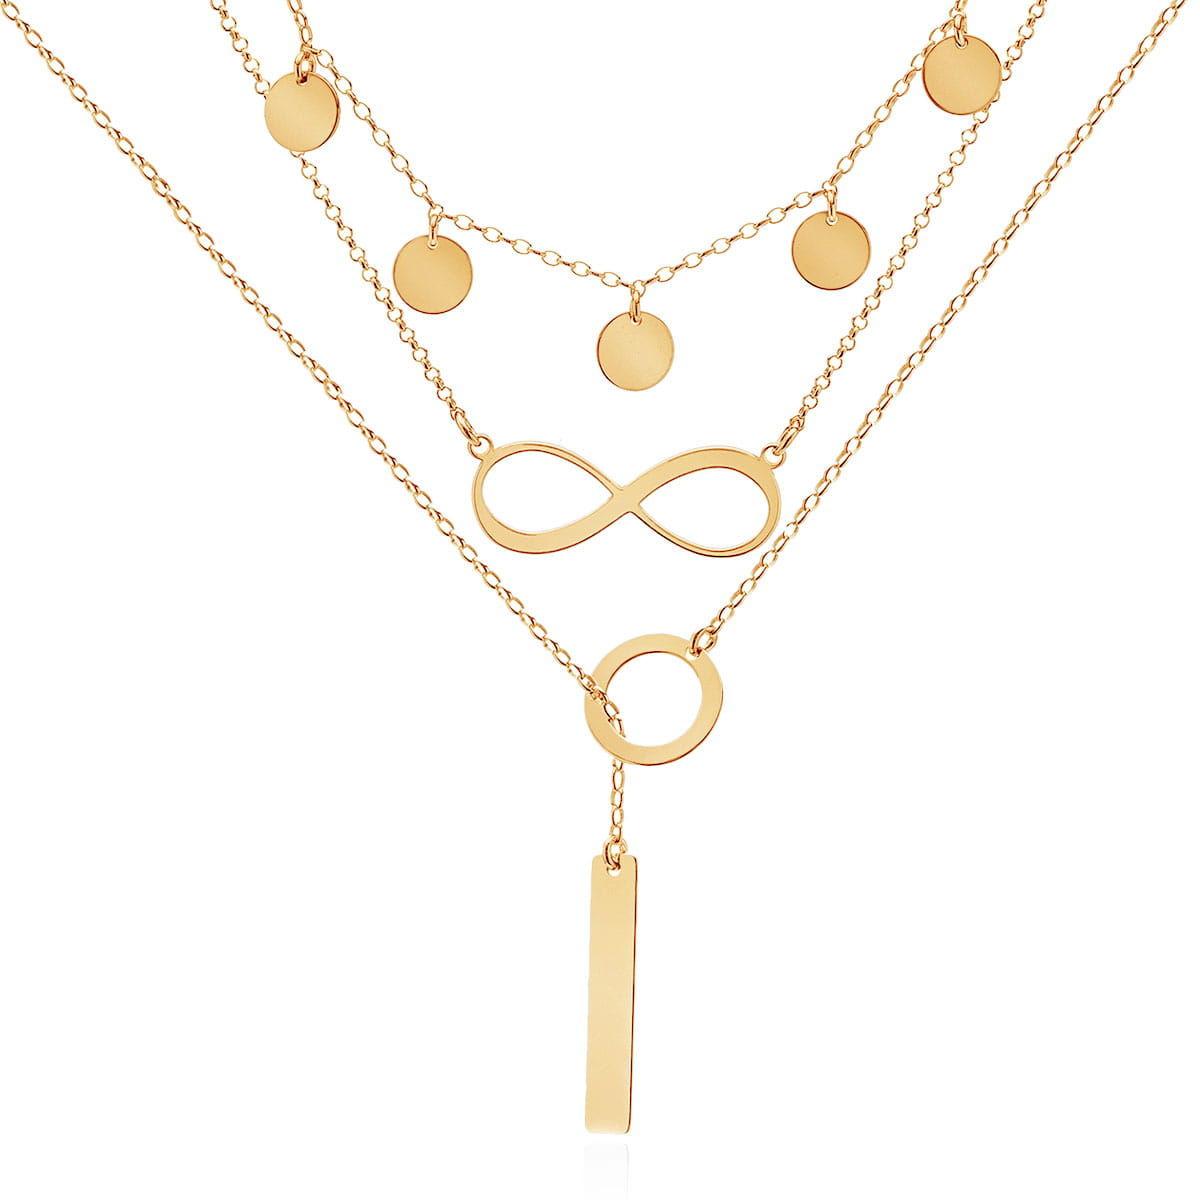 Layered necklace - naszyjnik warstwowy